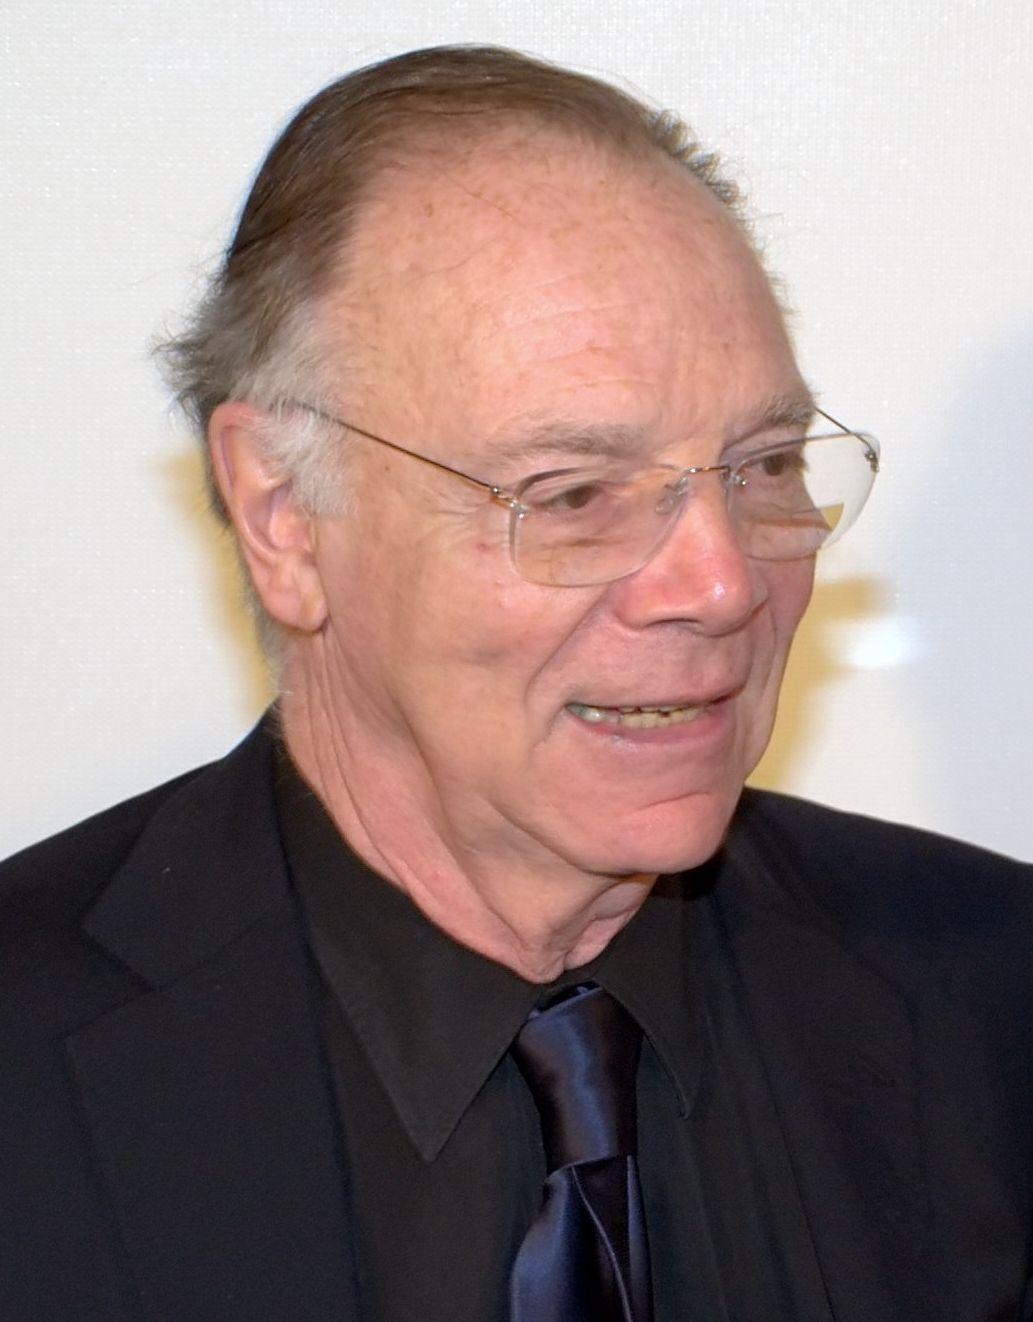 Pileggi in 2010